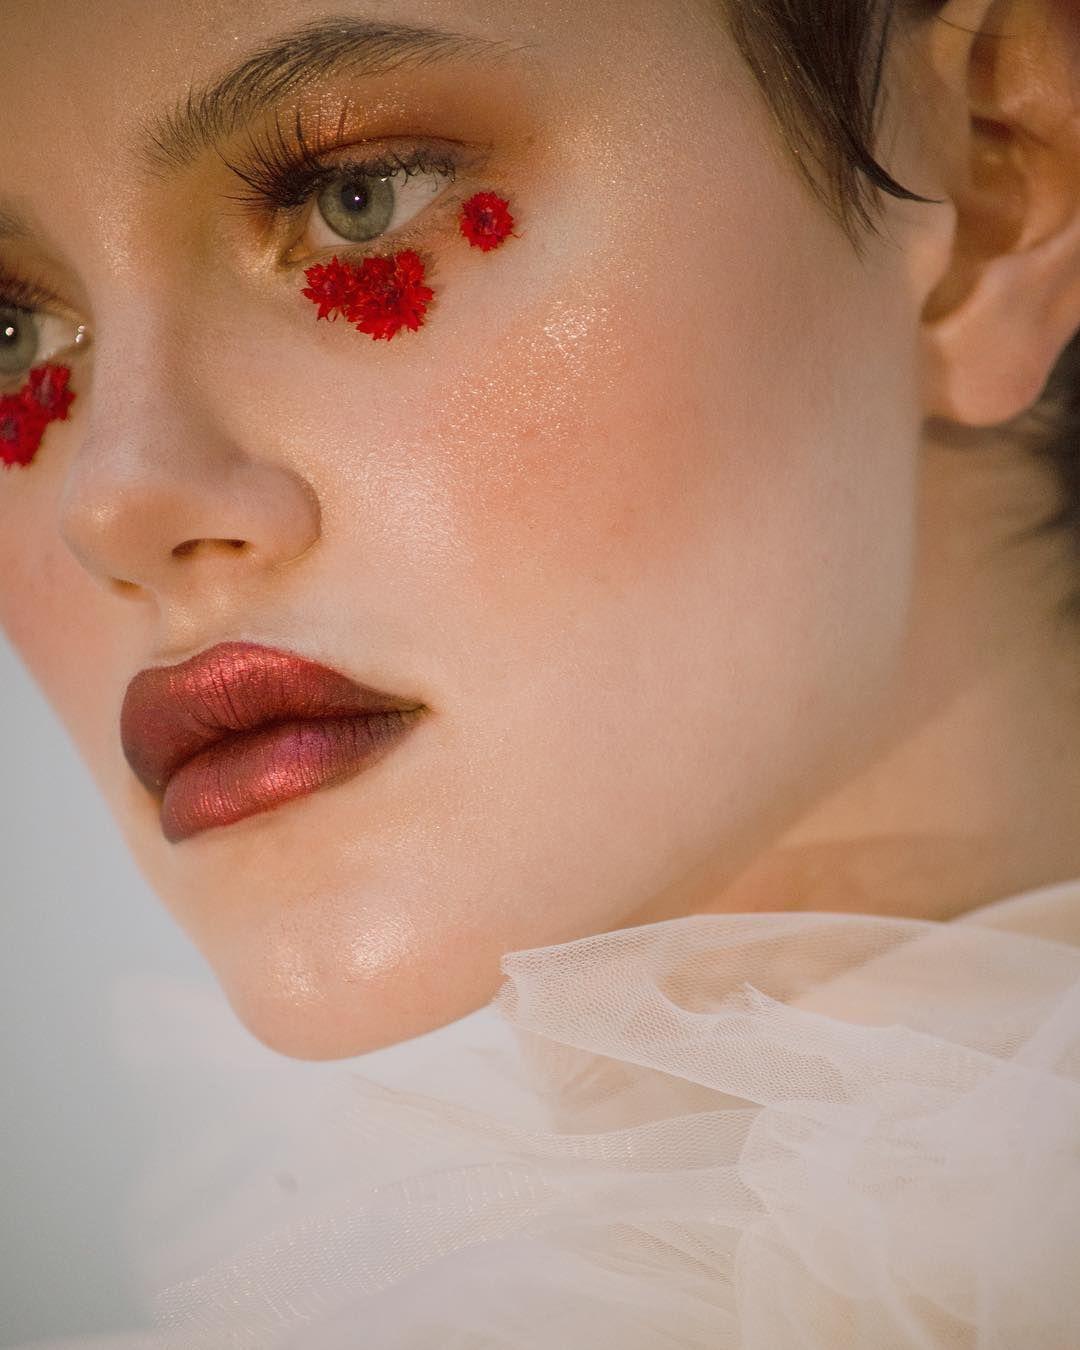 Gel Sculpt - Silhouette | Makeup & Fashion Inspiration